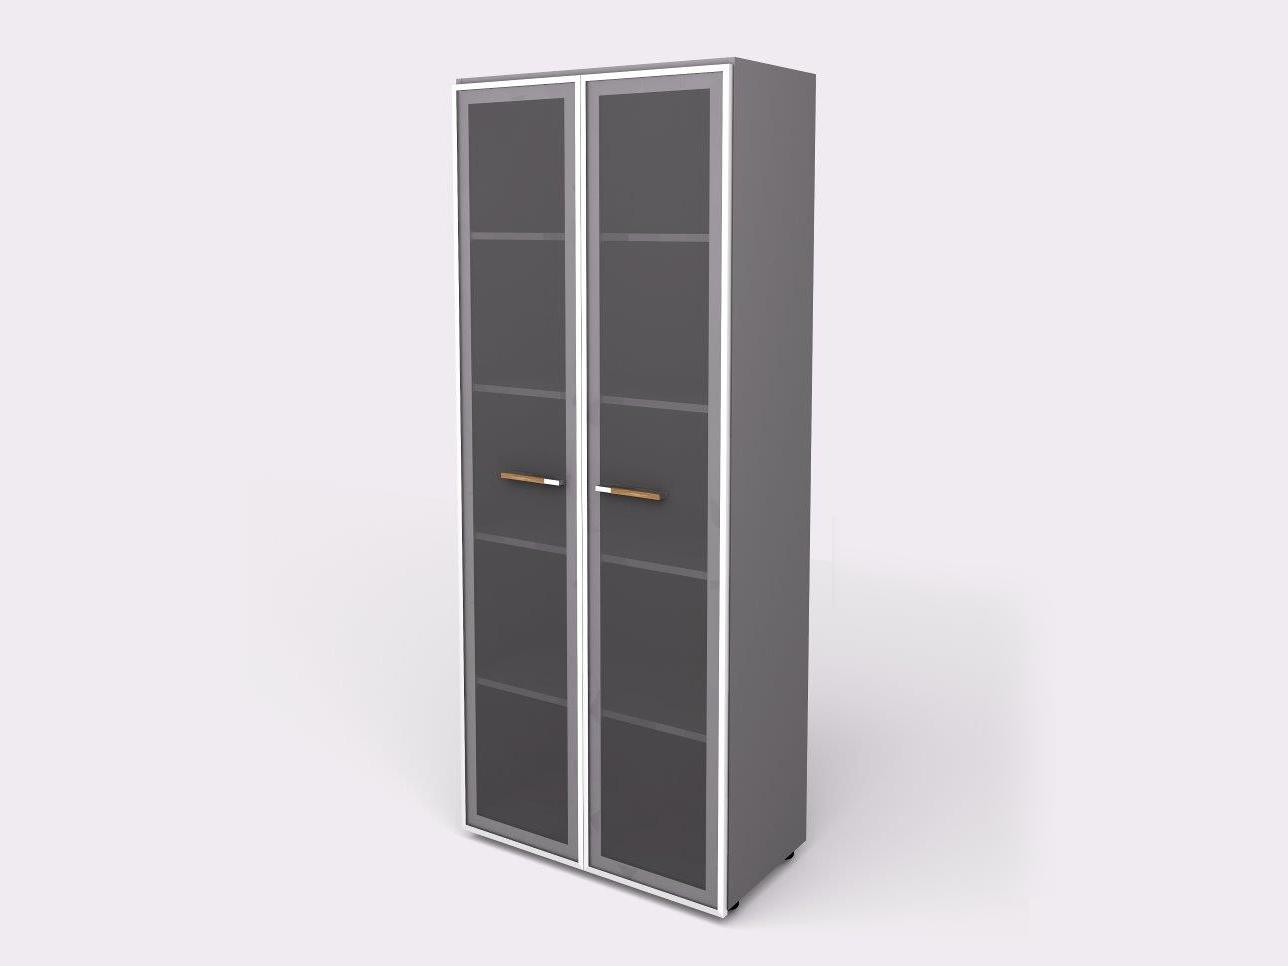 Lenza Policová skříň Wels se skleněnými dveřmi 196,5 cm